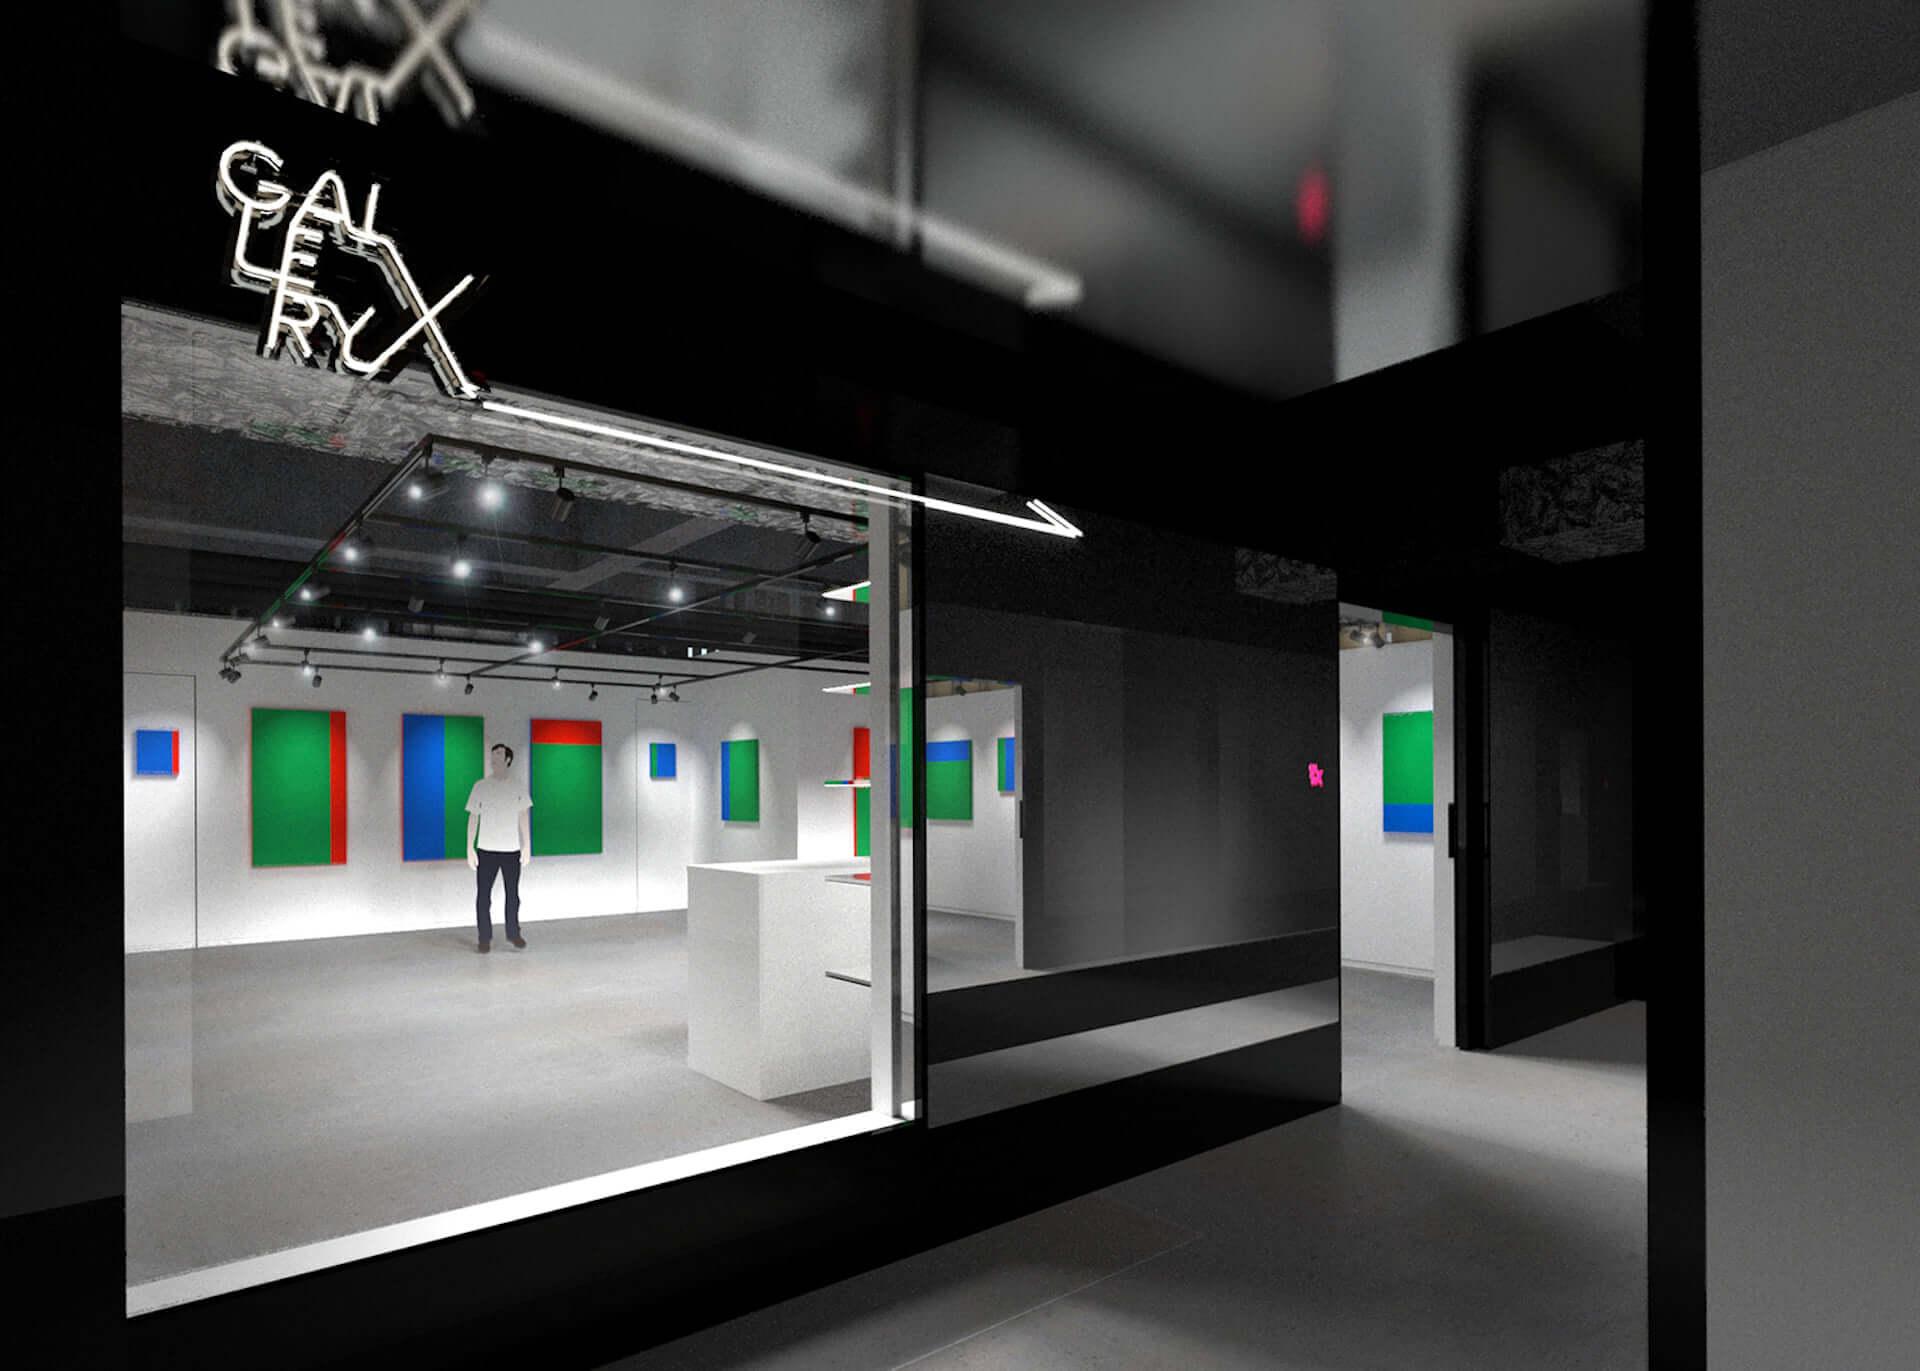 新生渋谷パルコに「GALLERYX」再登場!『AKIRA』展覧会に続いてずん・飯尾和樹や元乃木坂46伊藤万理華らの予定も ArtCulture191016_galleryx_1-1920x1371